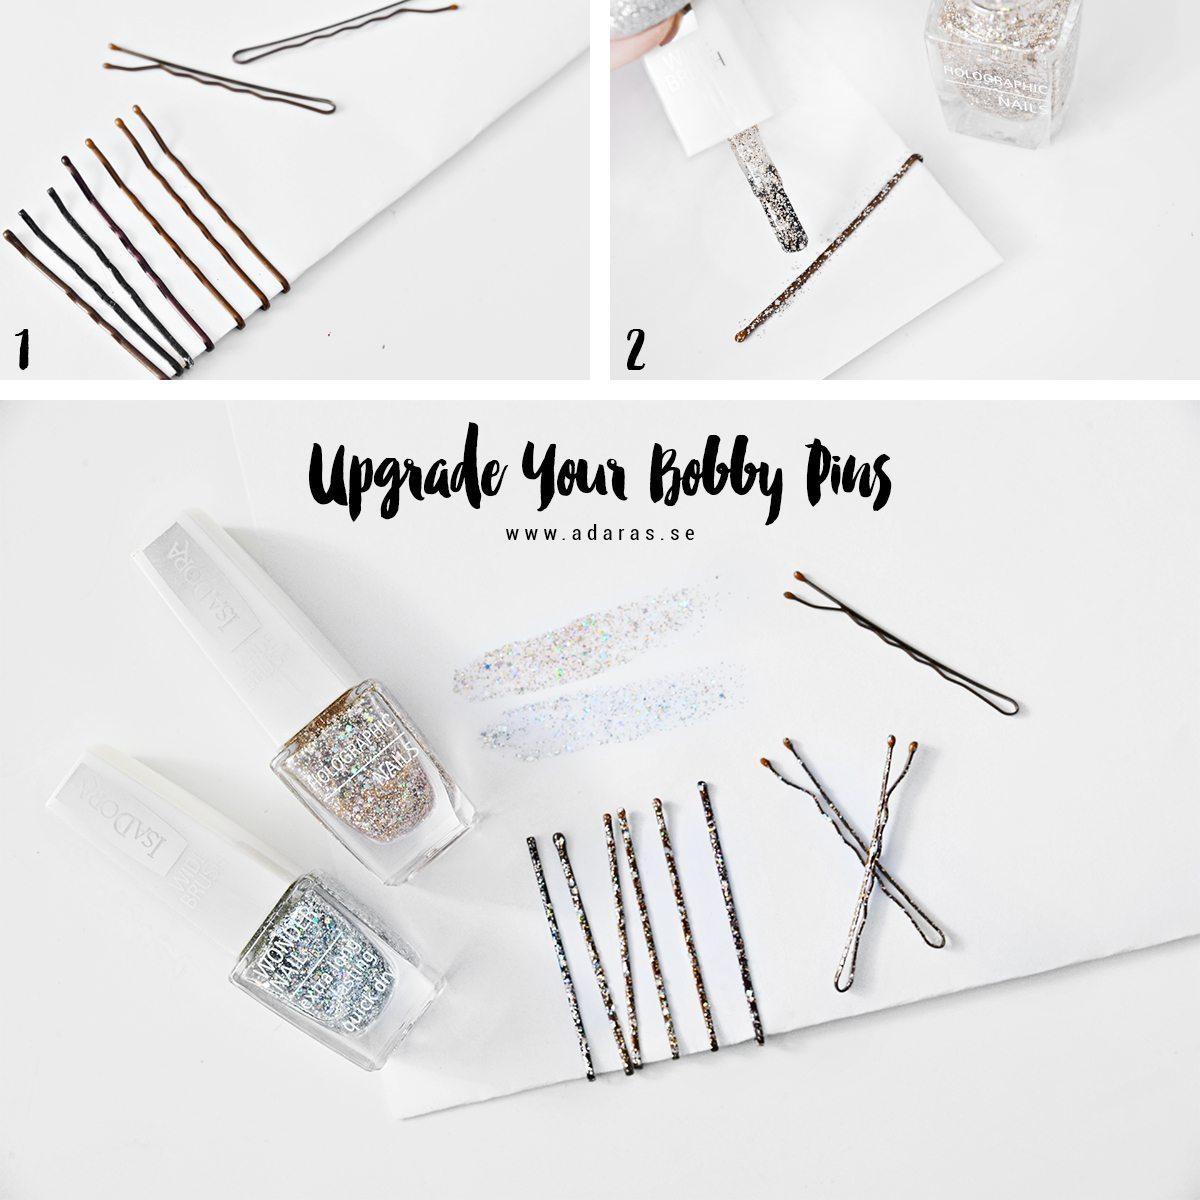 DIY: Upgrade your bobby pins - with nail polish